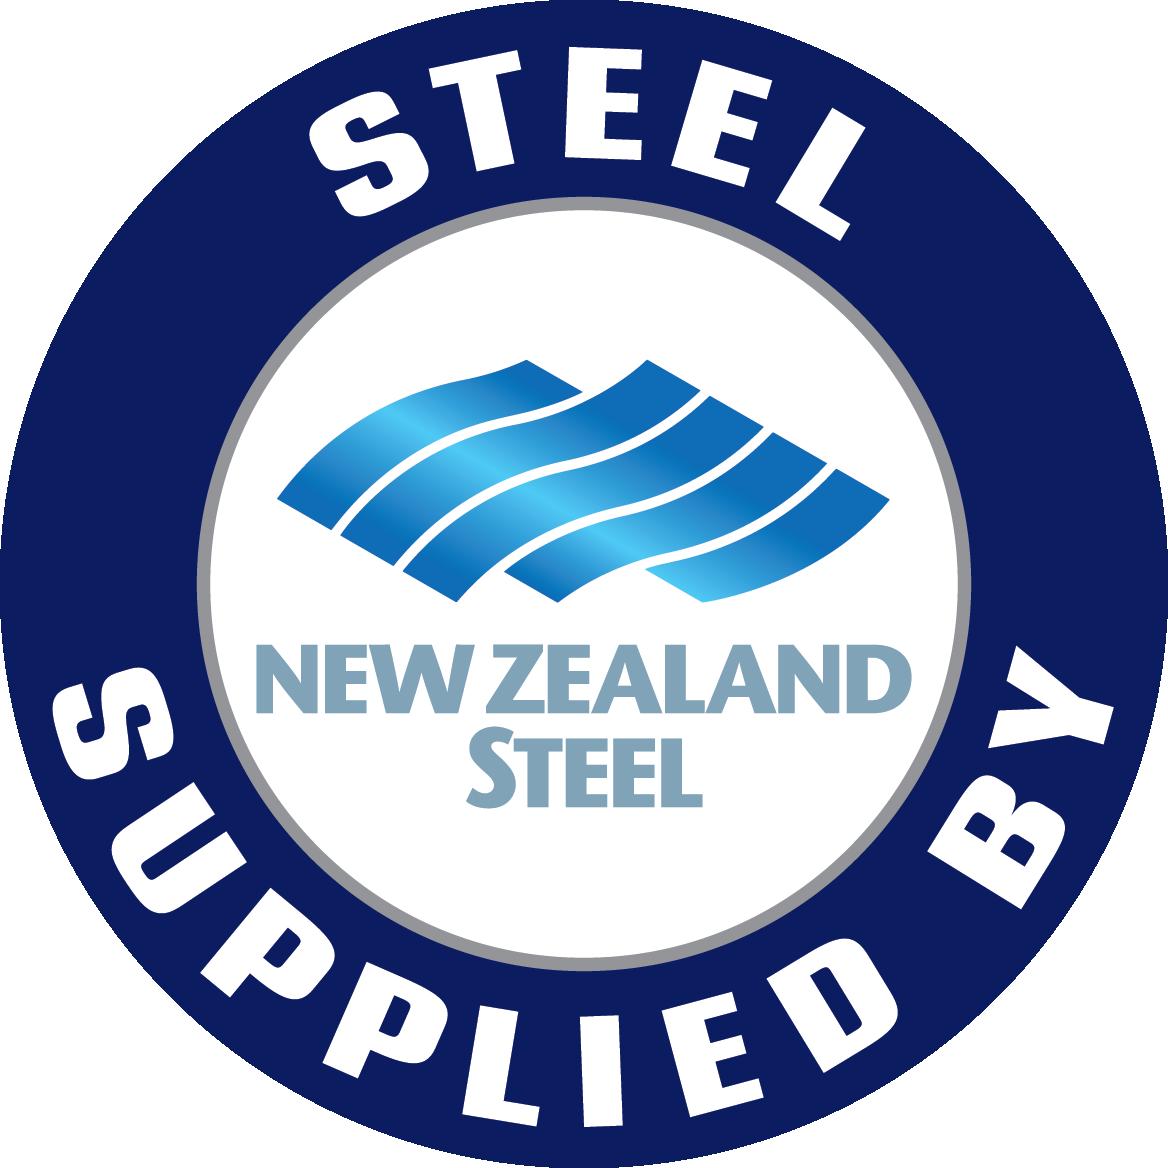 Fresco uses steel supplied by NZ steel